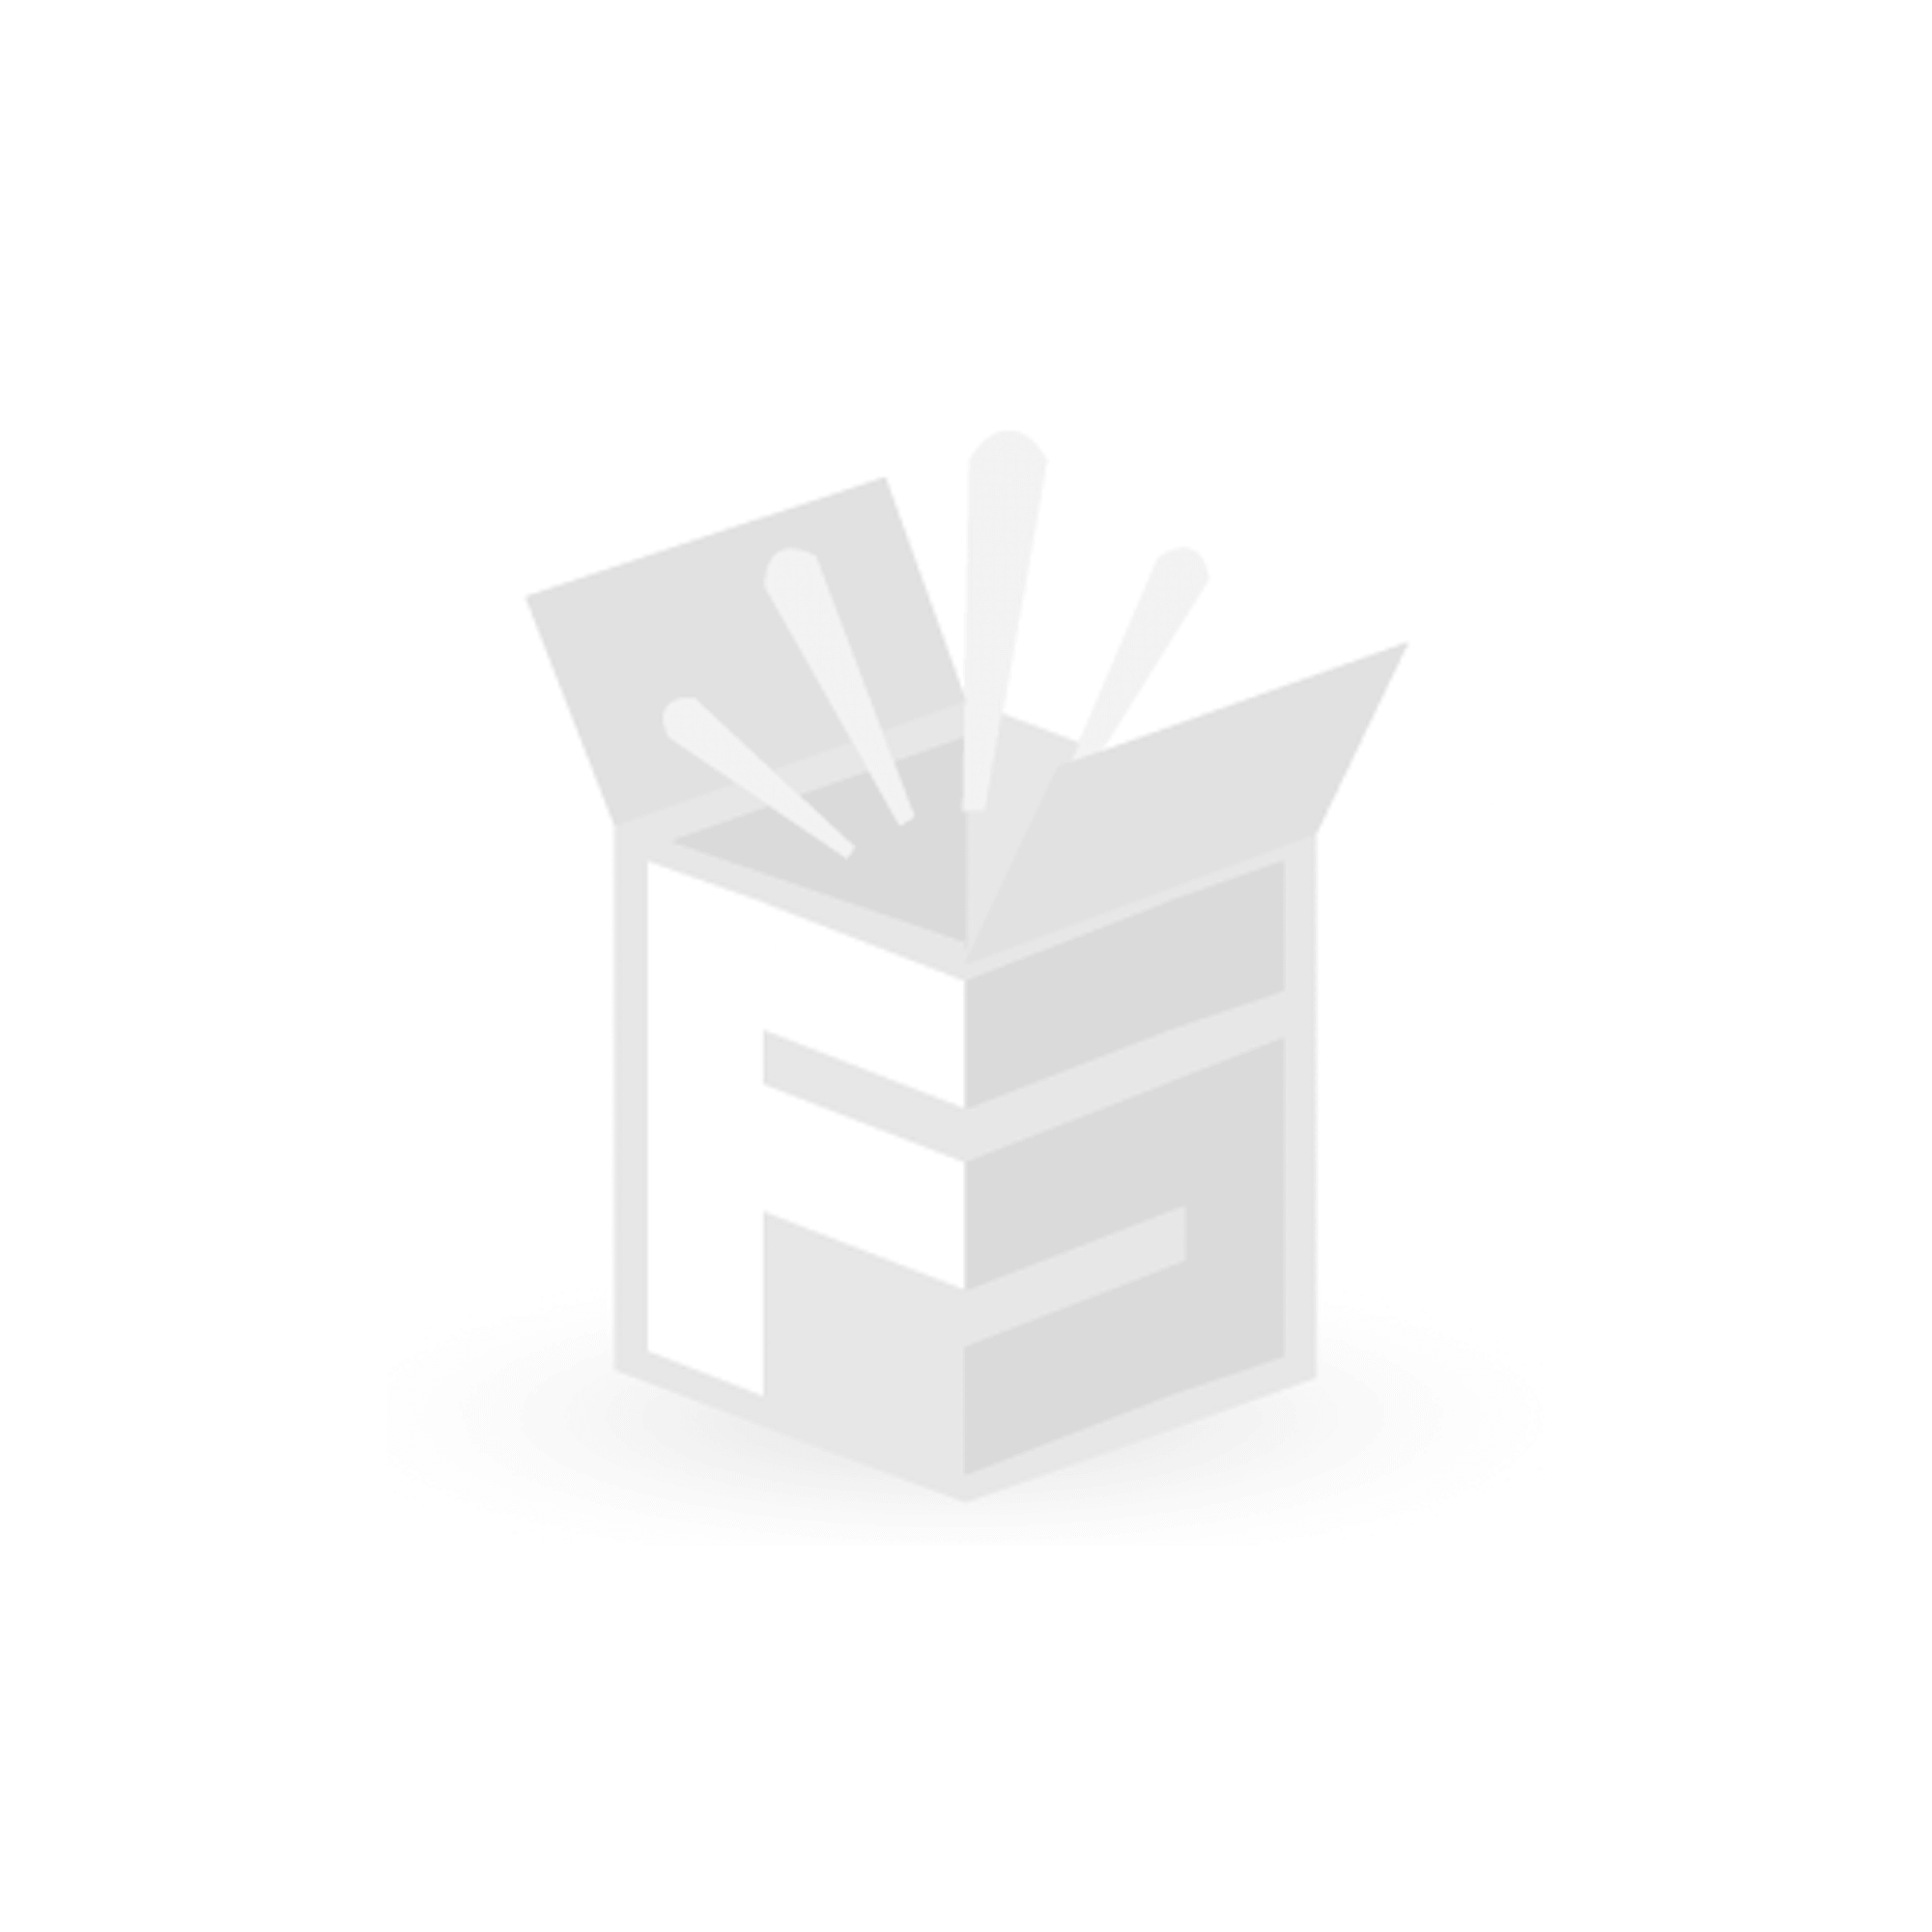 Bosch Akku-Handstaubsauger BBH216RIA